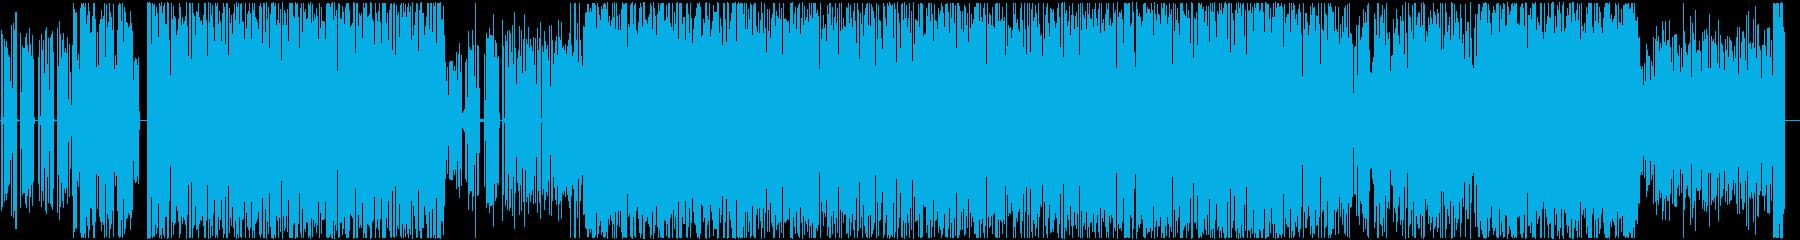 スピード感のあるブレイクビーツの再生済みの波形